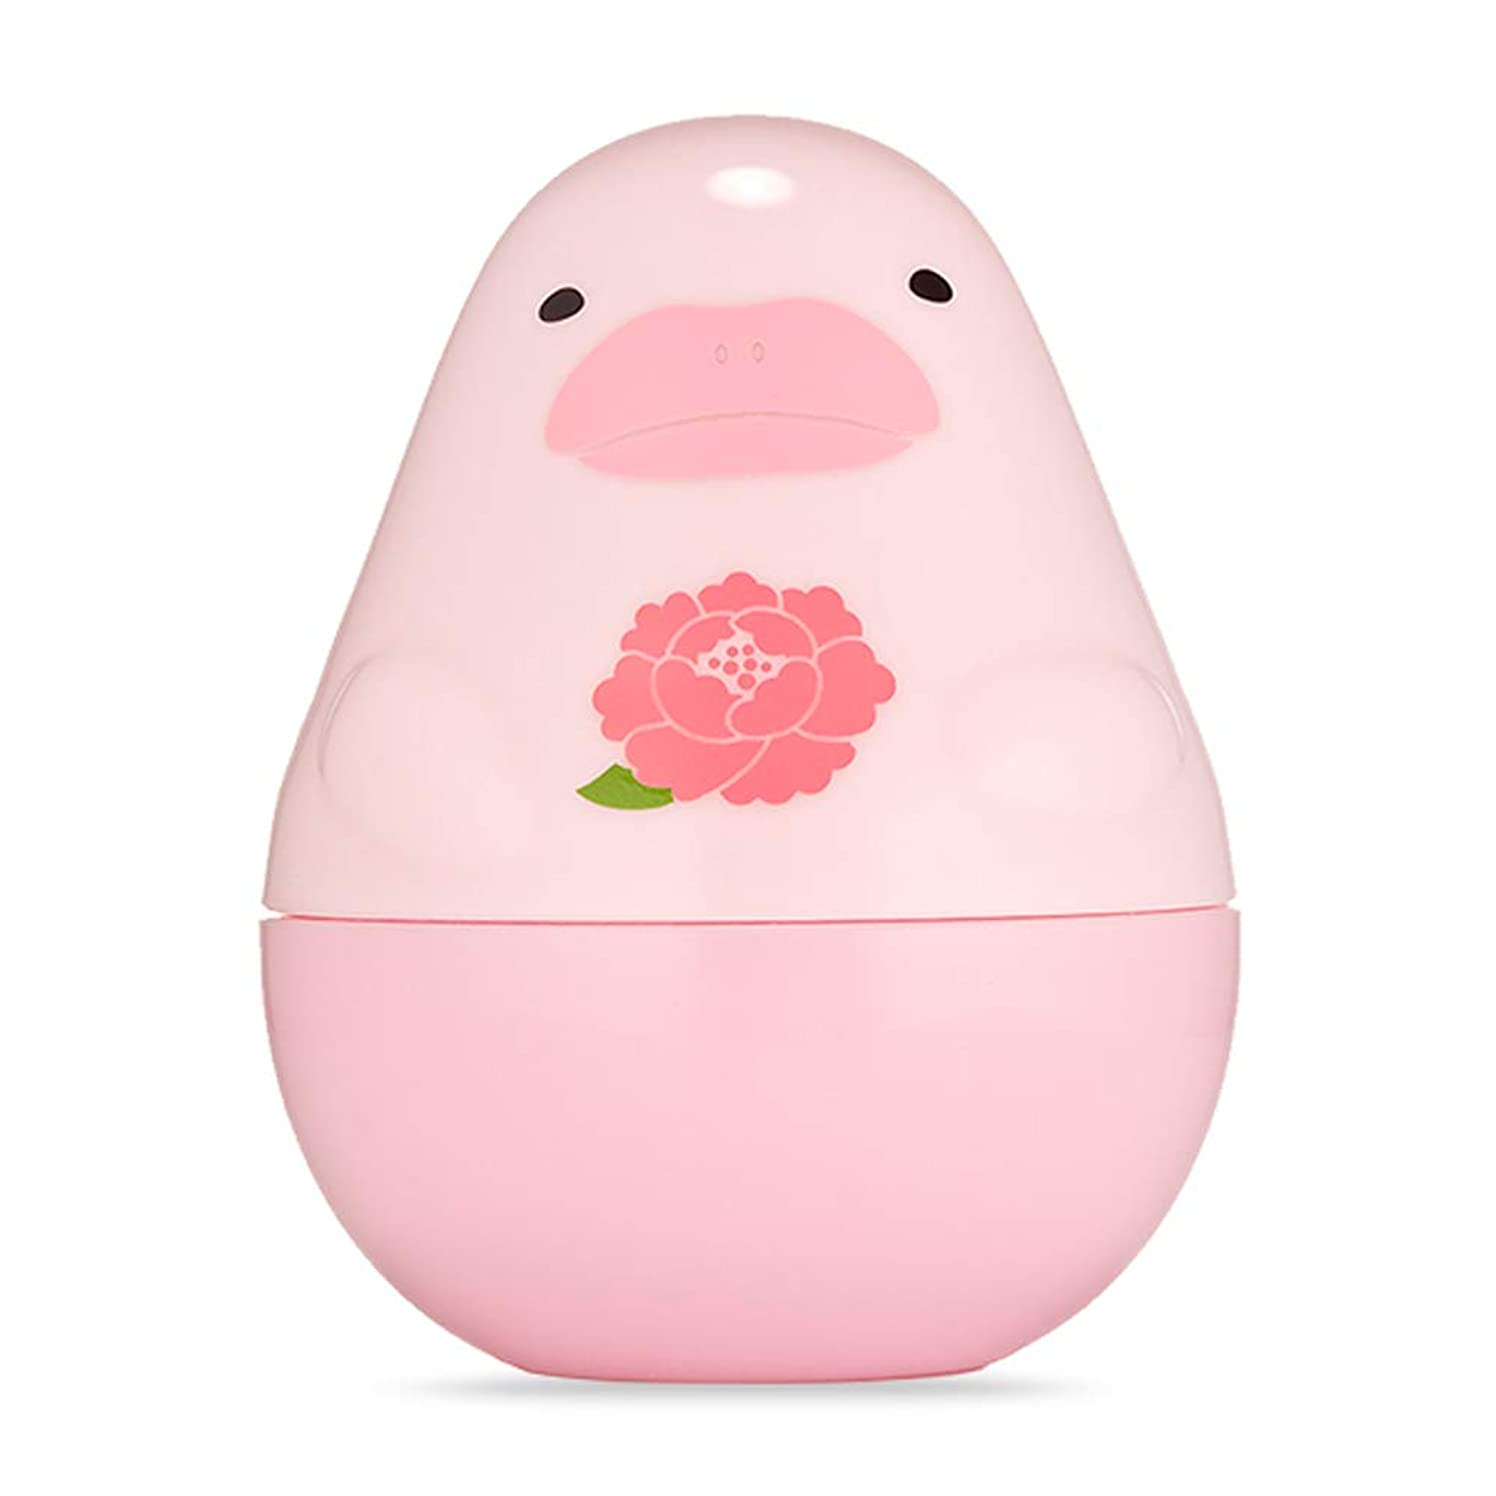 中絶パッケージ精神エチュードハウス(ETUDE HOUSE) ミッシングユー ハンドクリーム ピンクイルカ(ピオニーの香り)